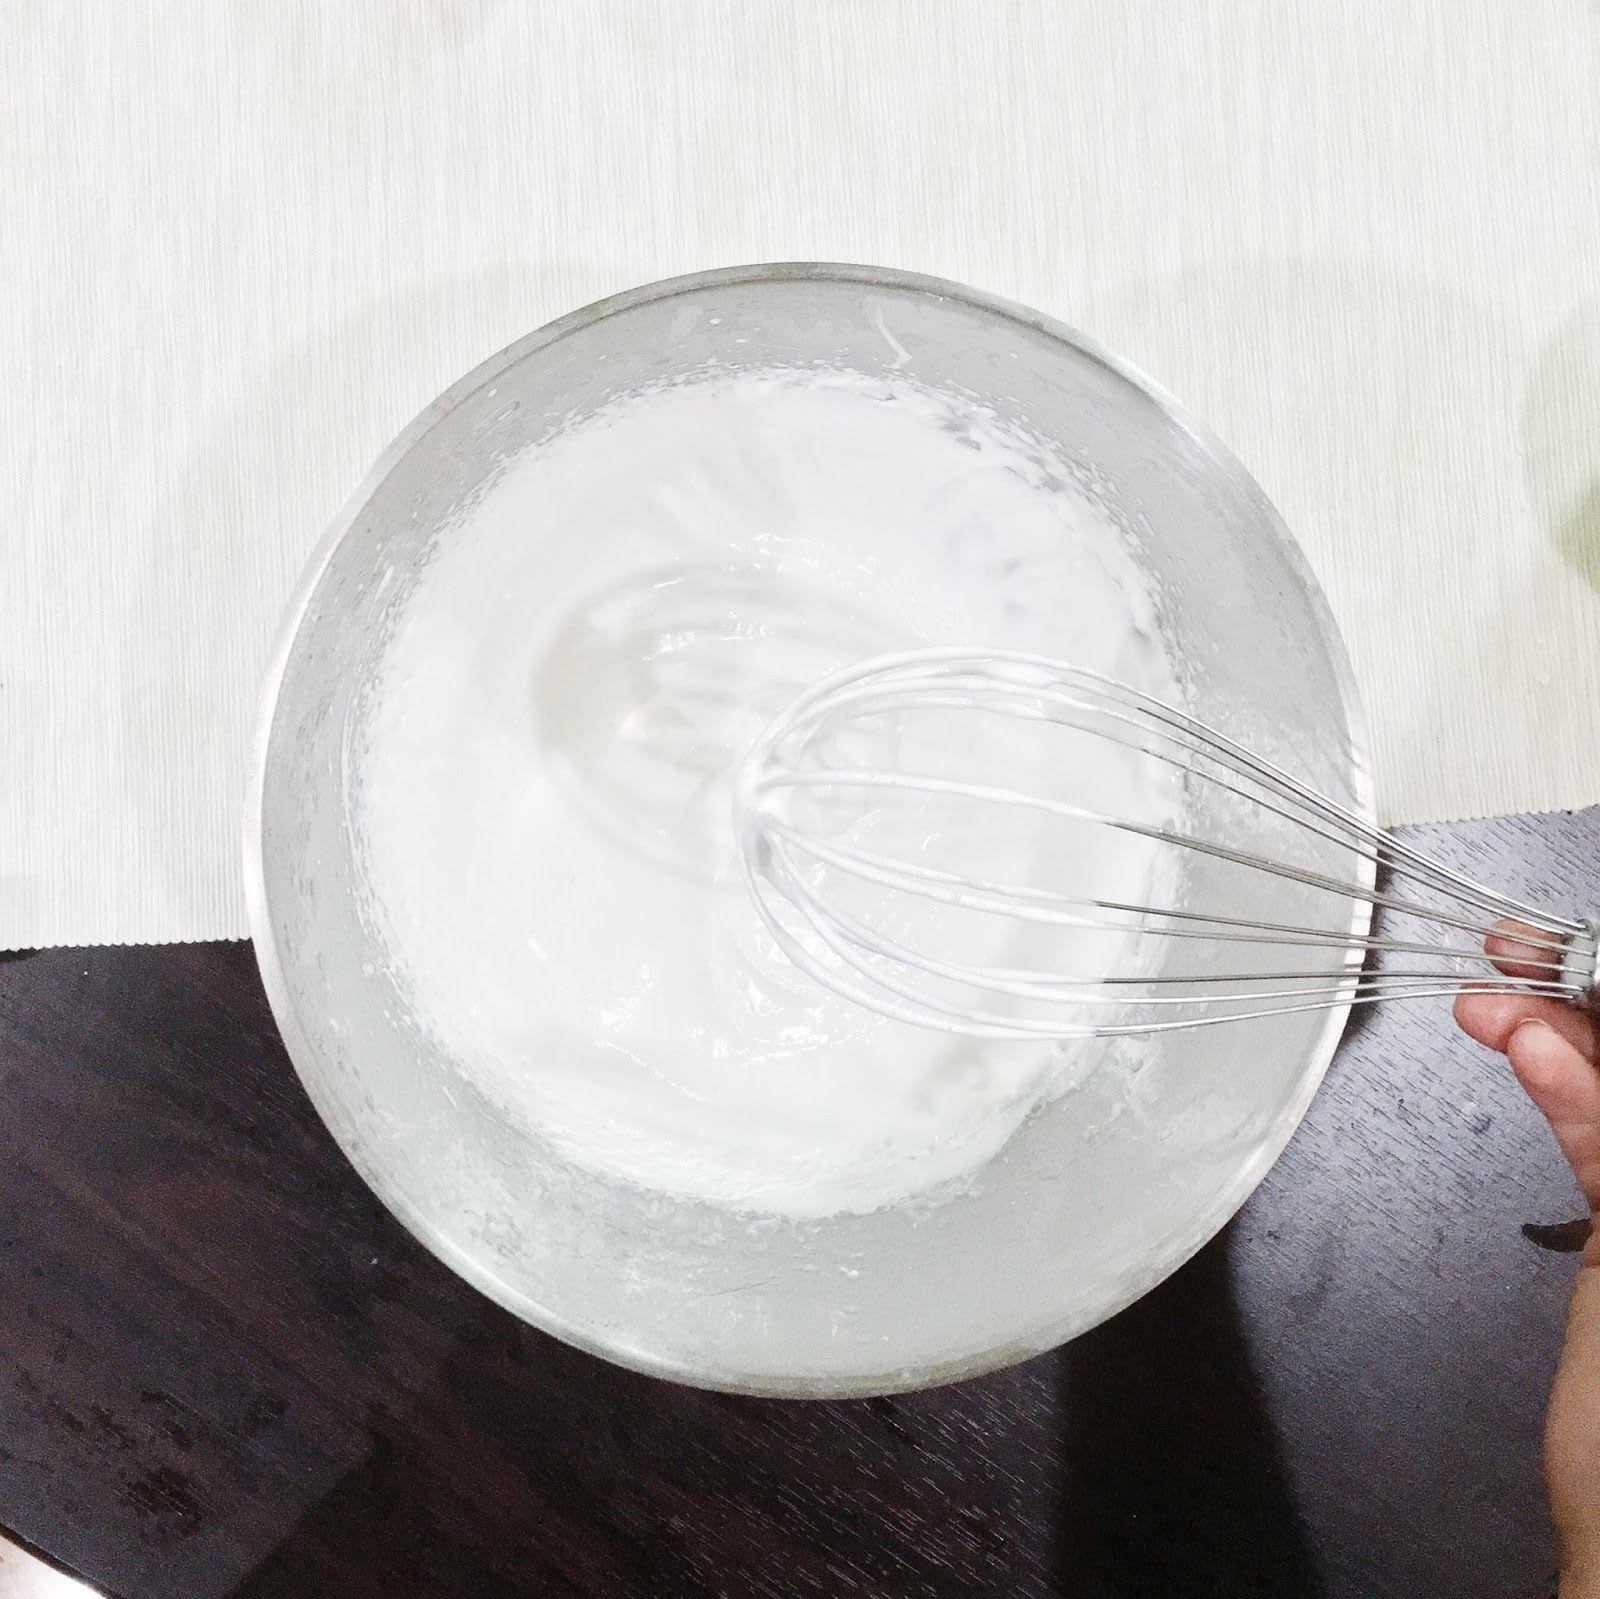 كريم زبدة الشيا للبشره الجافه Diy مايا Projects To Try Tableware Diy